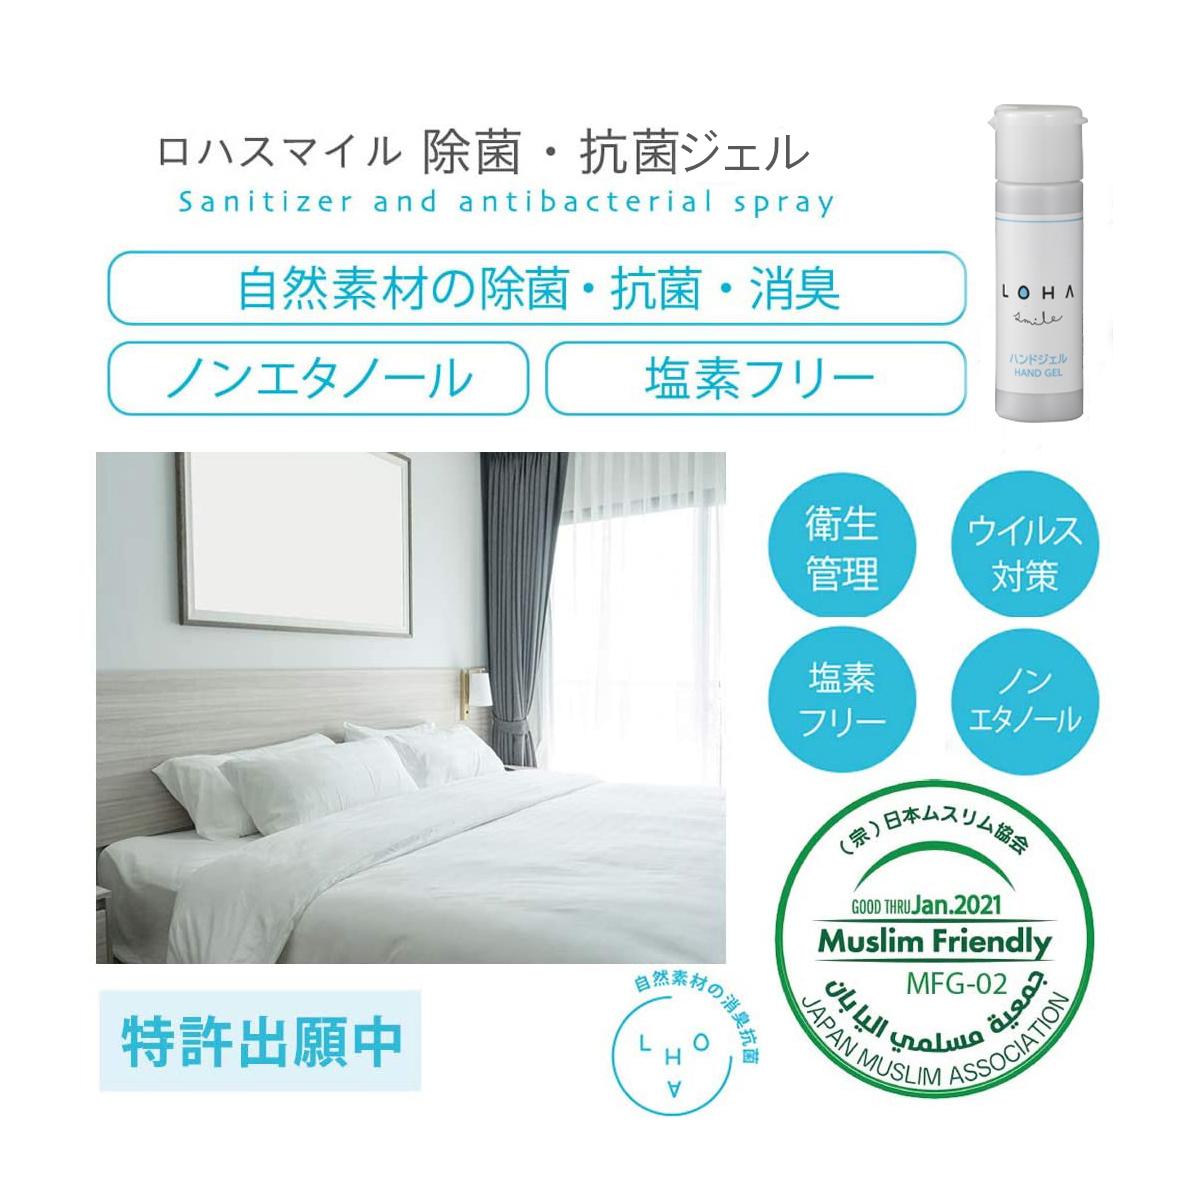 LOHA smile ハンドジェル50ml ベビー用品にも使える!